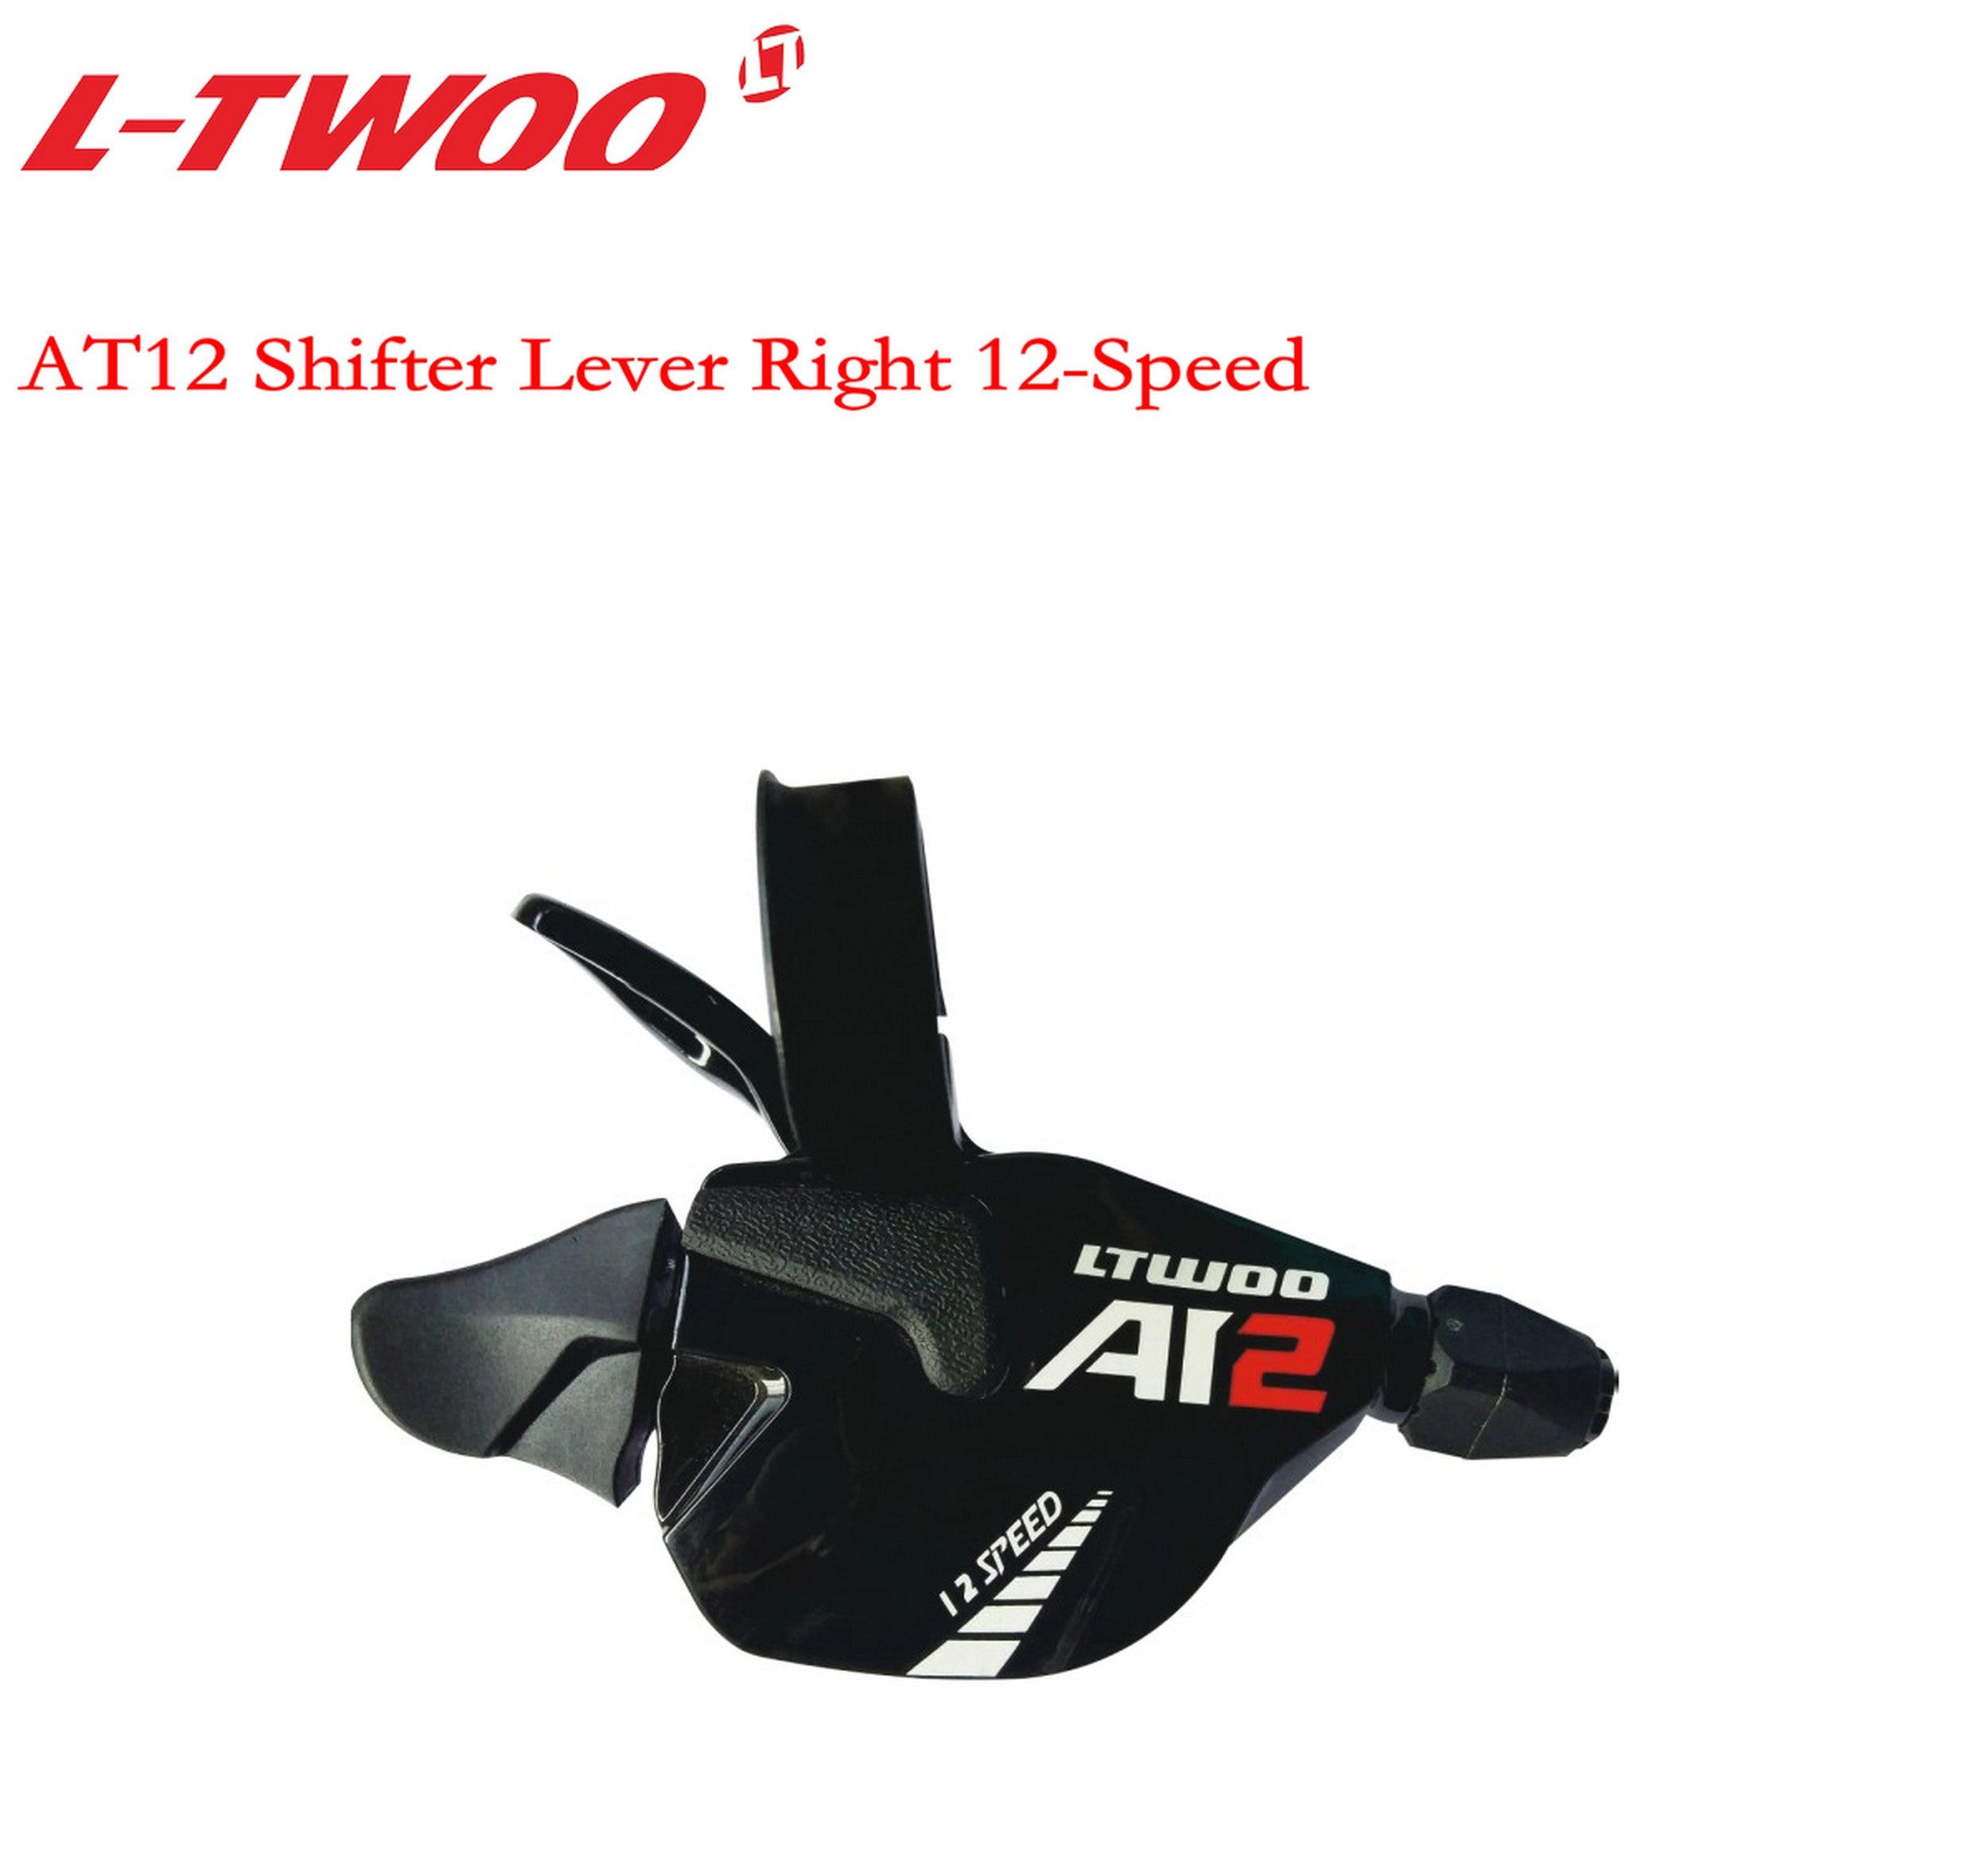 LTWOO Vélo À 12 Vitesse manette de vitesse levier Droit Arrière Dérailleur Pour Vélo de montagne vtt graisse Vélo Compatible Aigle 12 s - 2